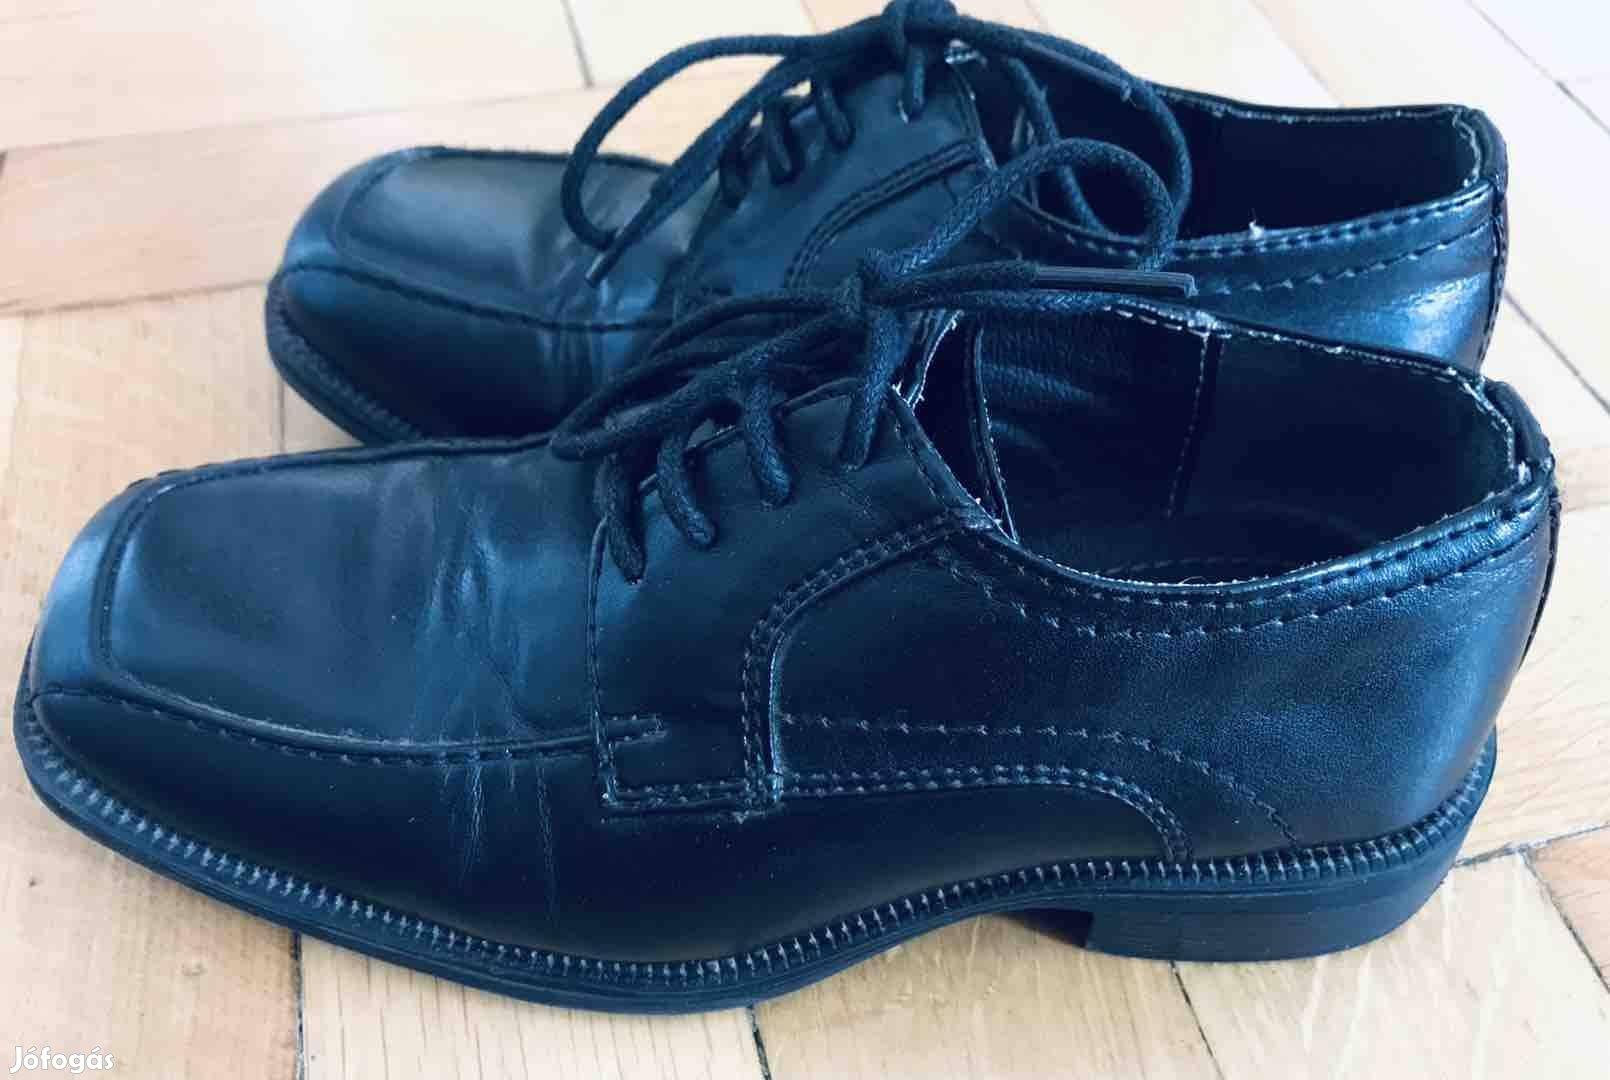 bf9324574d 31-es alkalmi Agaxy 2 x hordott bőr cipö eladó. - XIII. kerület ...